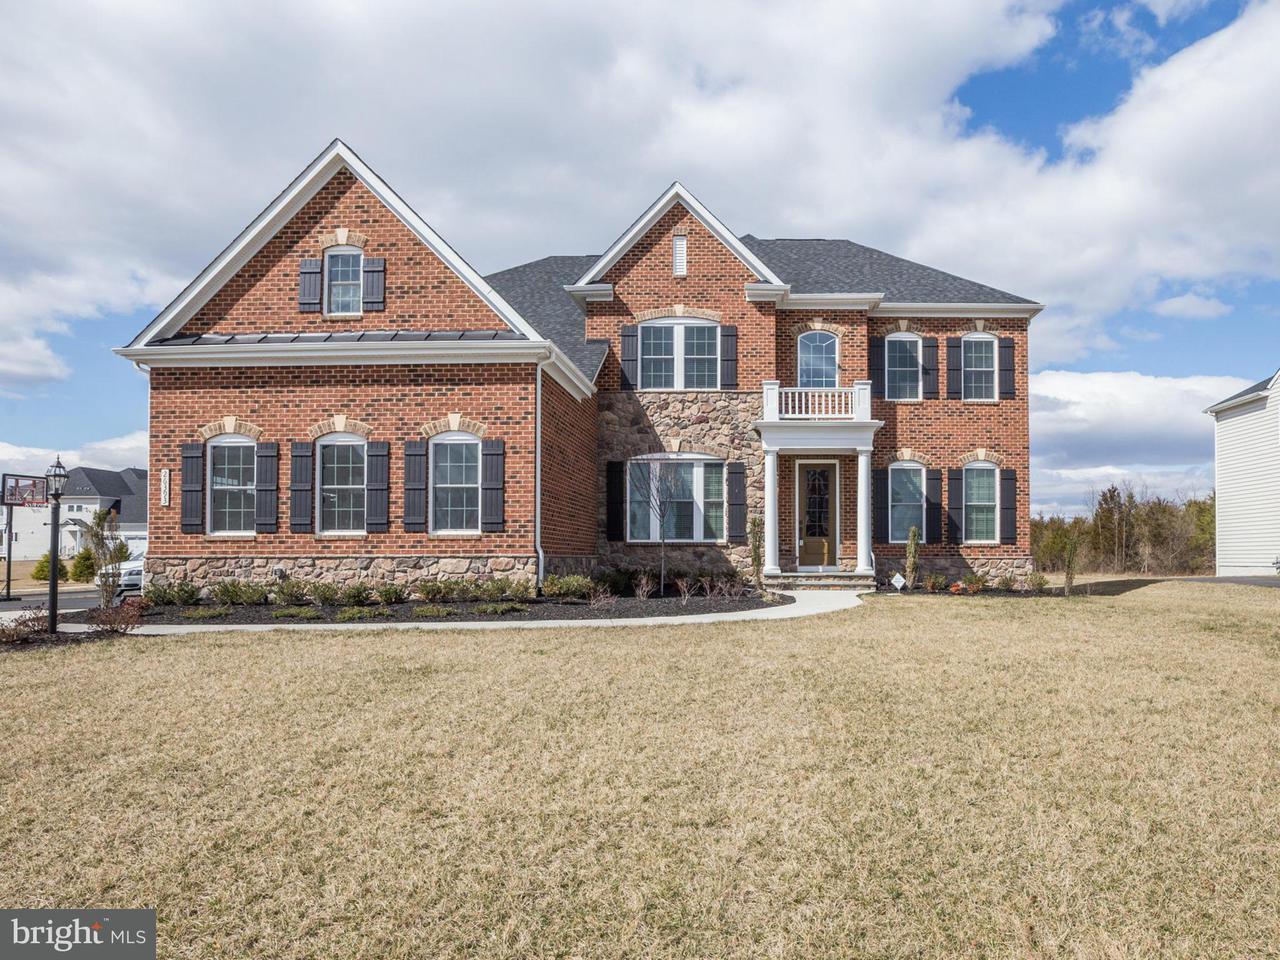 Maison unifamiliale pour l Vente à 26393 Linton Pasture Place 26393 Linton Pasture Place Centreville, Virginia 20120 États-Unis